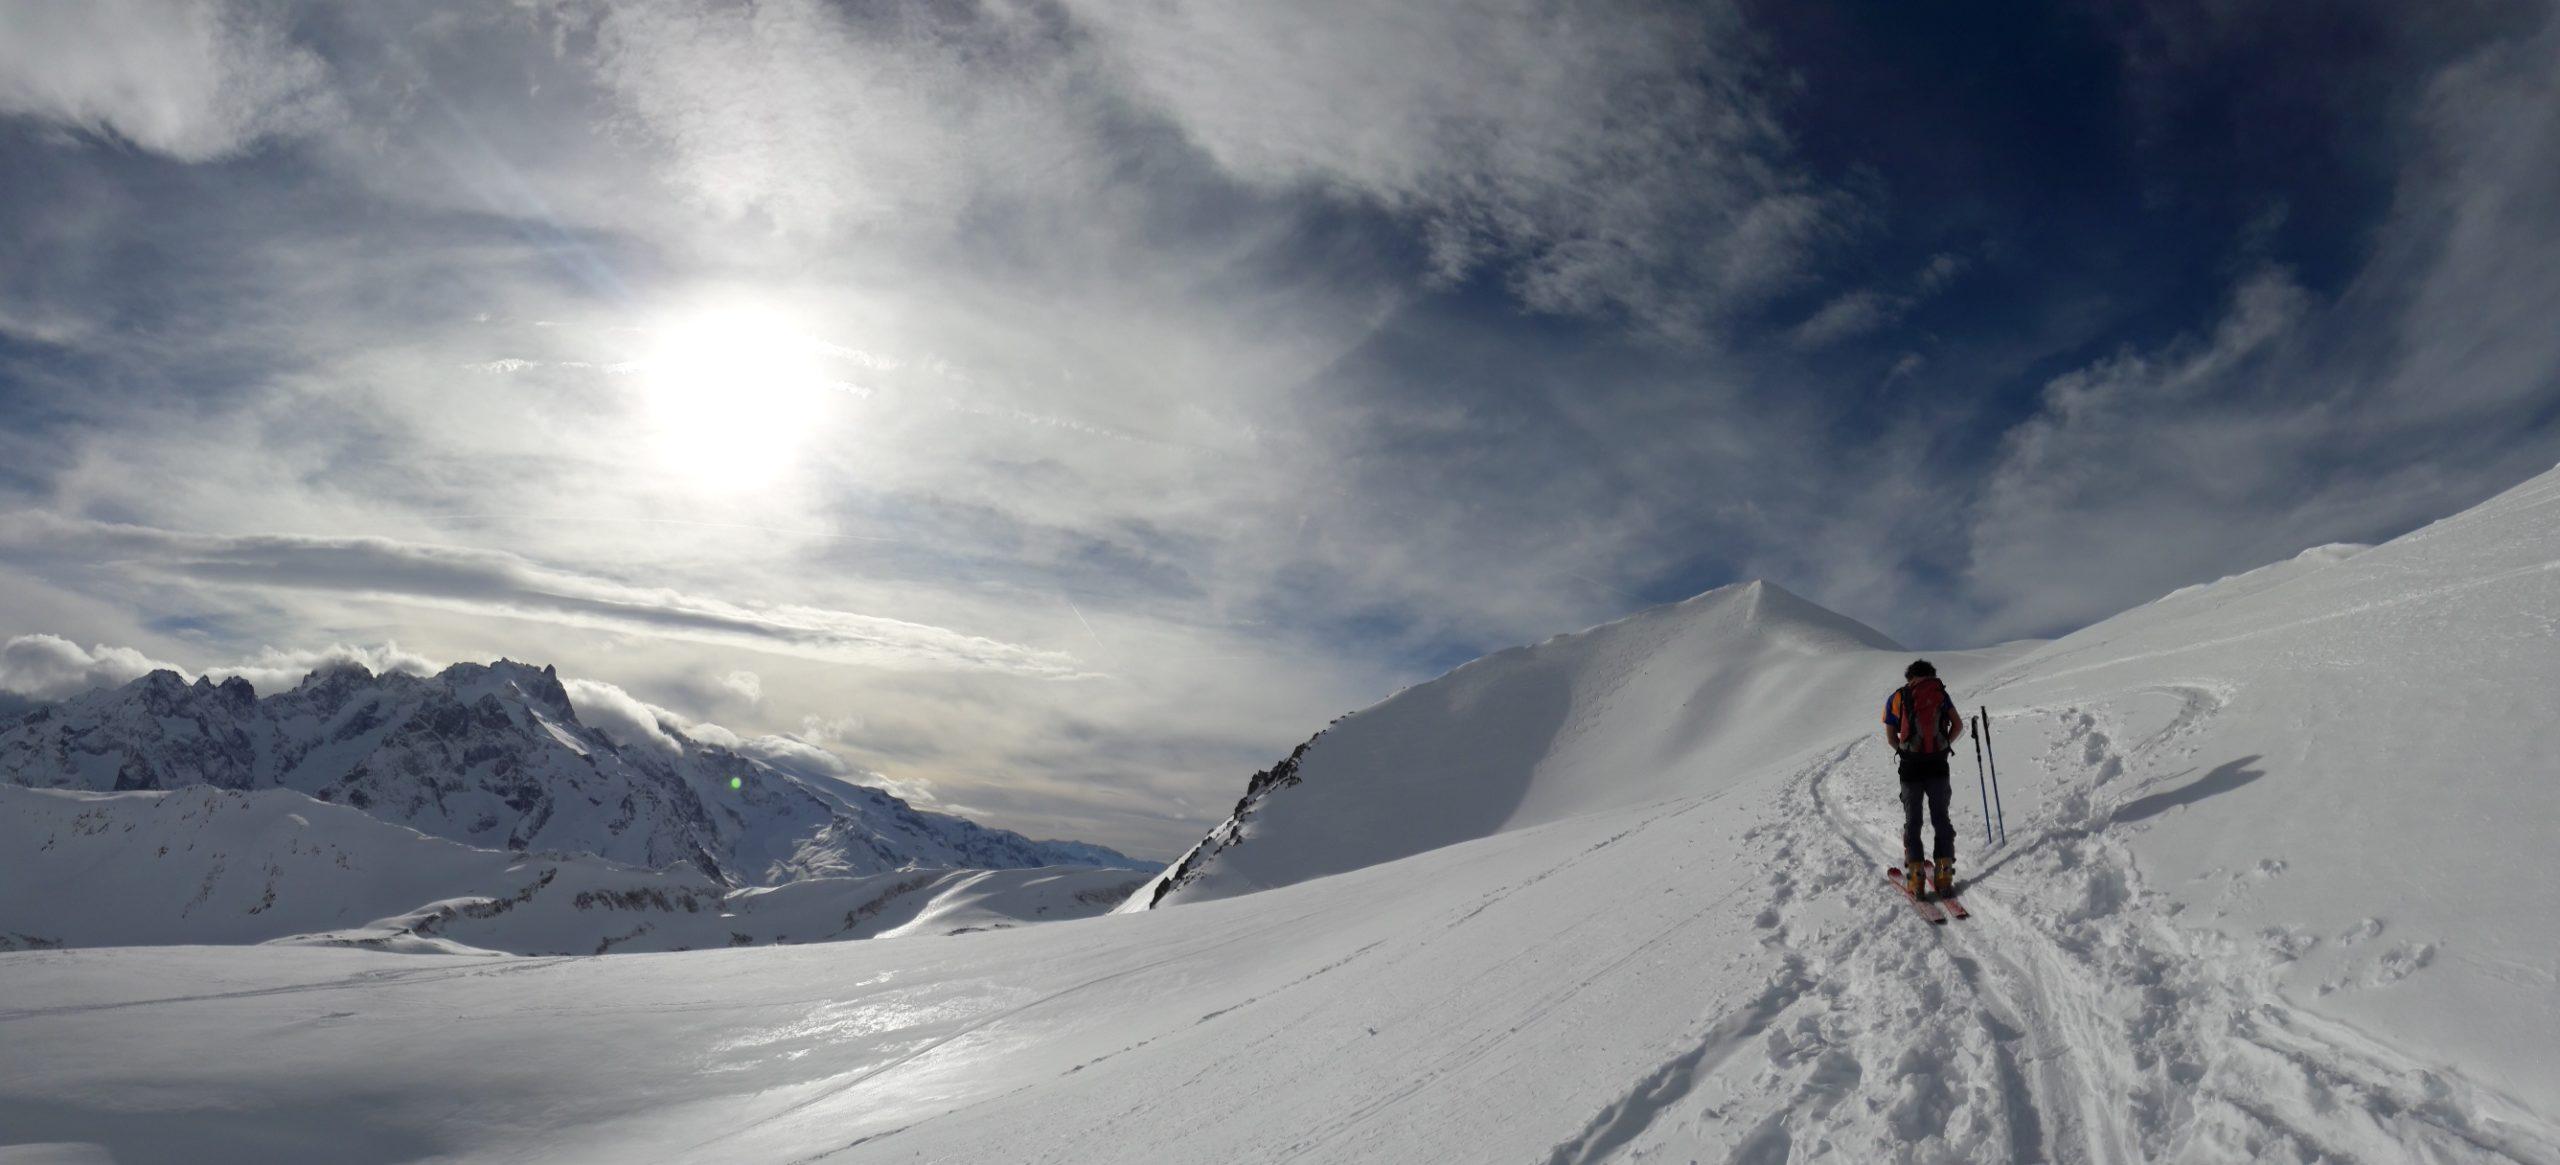 Fin de journée en ski de randonnée